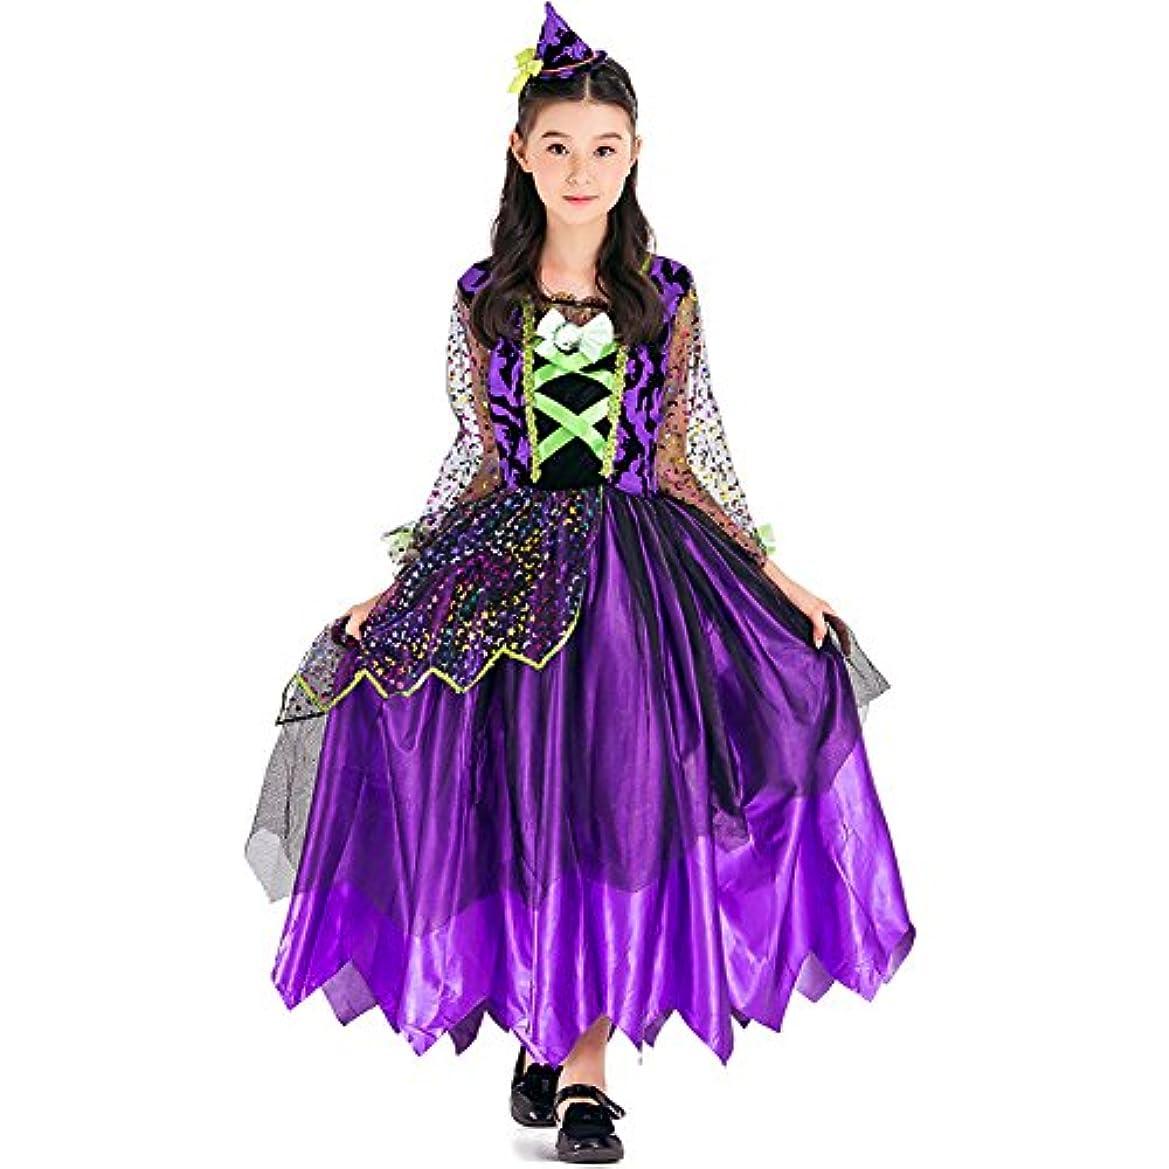 幸福中央値貸すHoneystore キッズコスチューム プリンセス 魔女 悪魔 ハロウィン 衣装 コスプレ 子供 女の子 ワンピース 110